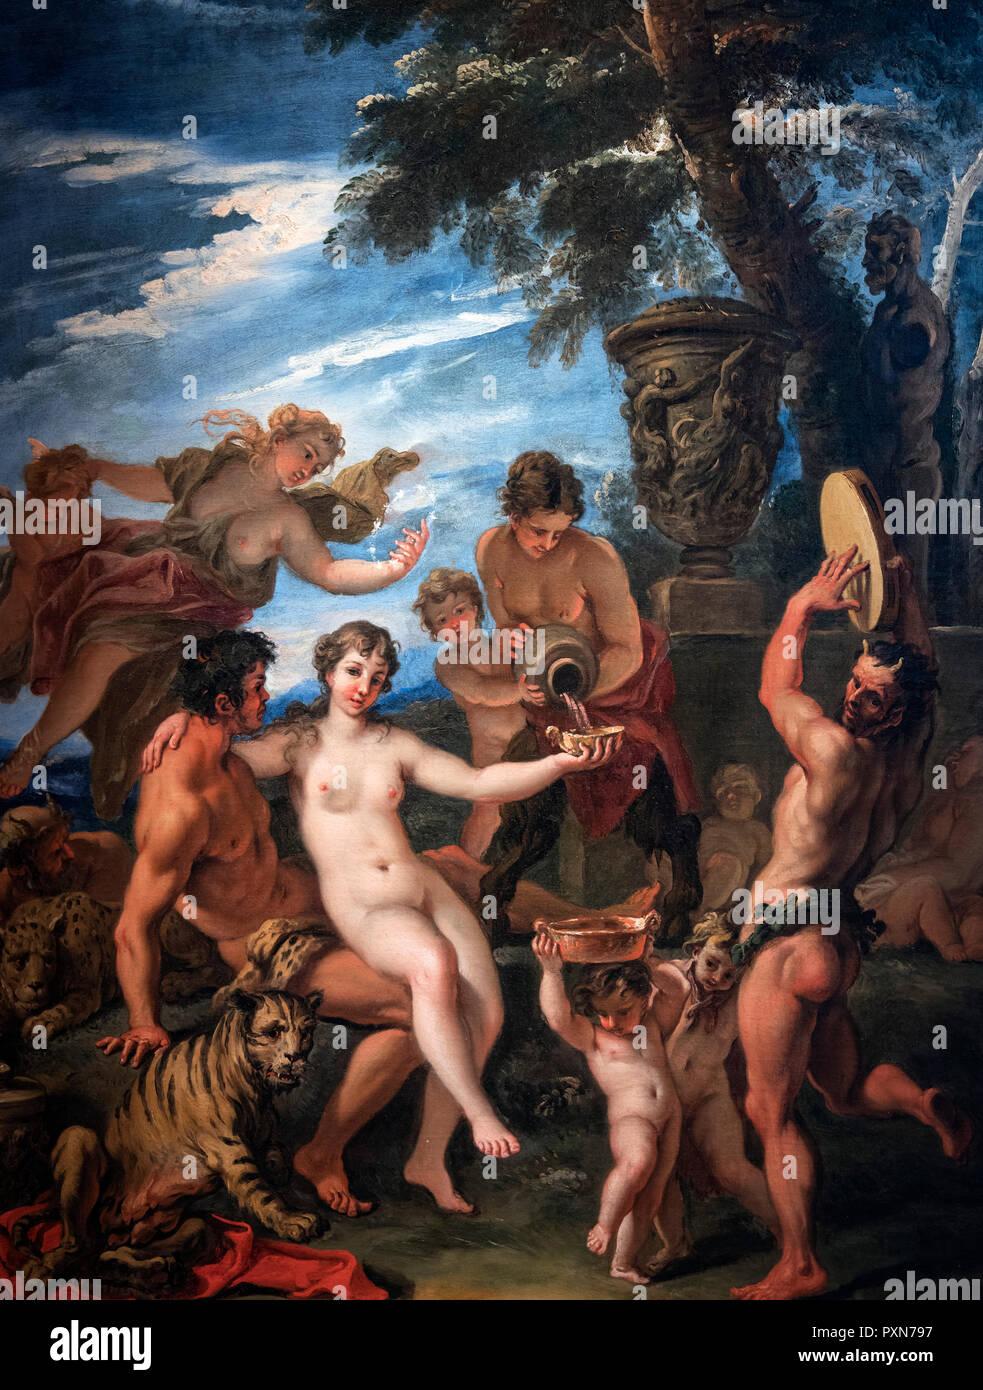 Bacchus und Ariadne von Sebastiano Ricci (1659-1734), Öl auf Leinwand, c. 1691-4. Das Bild zeigt die Hochzeit von Bacchus (oder) Dionysos, der Gott des Weines und der Ariadne, Tochter des Königs Minos von Kreta. Stockbild